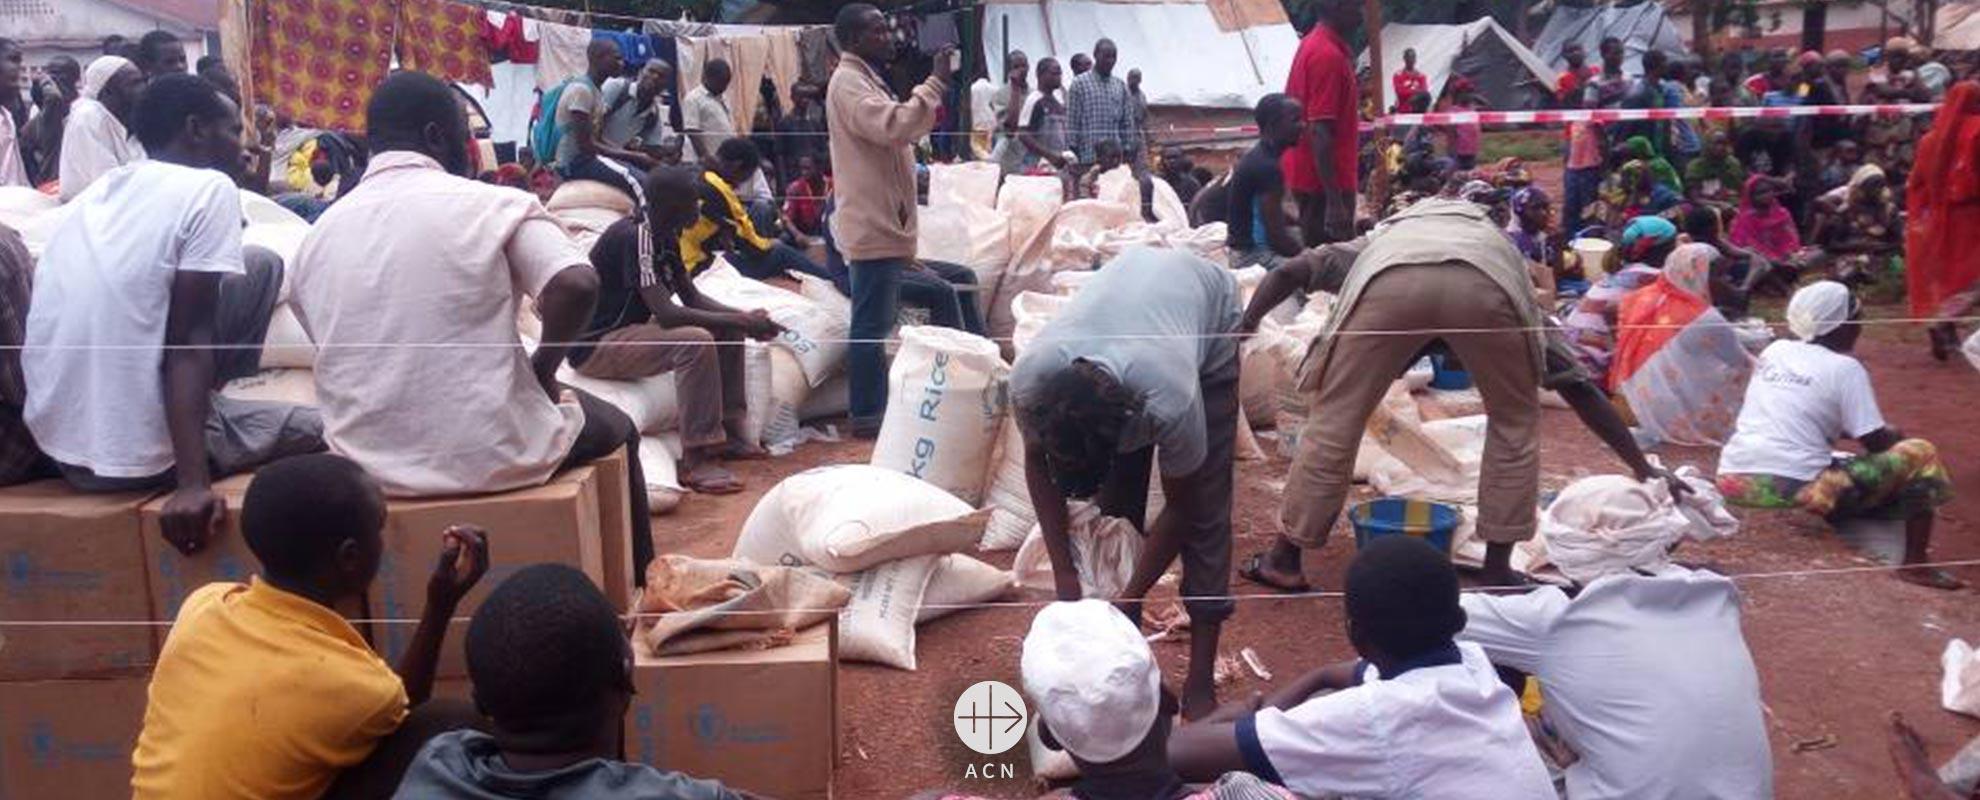 República Centroafricana: Si alguien no hace algo, una masacre va a tener lugar en Bangassou